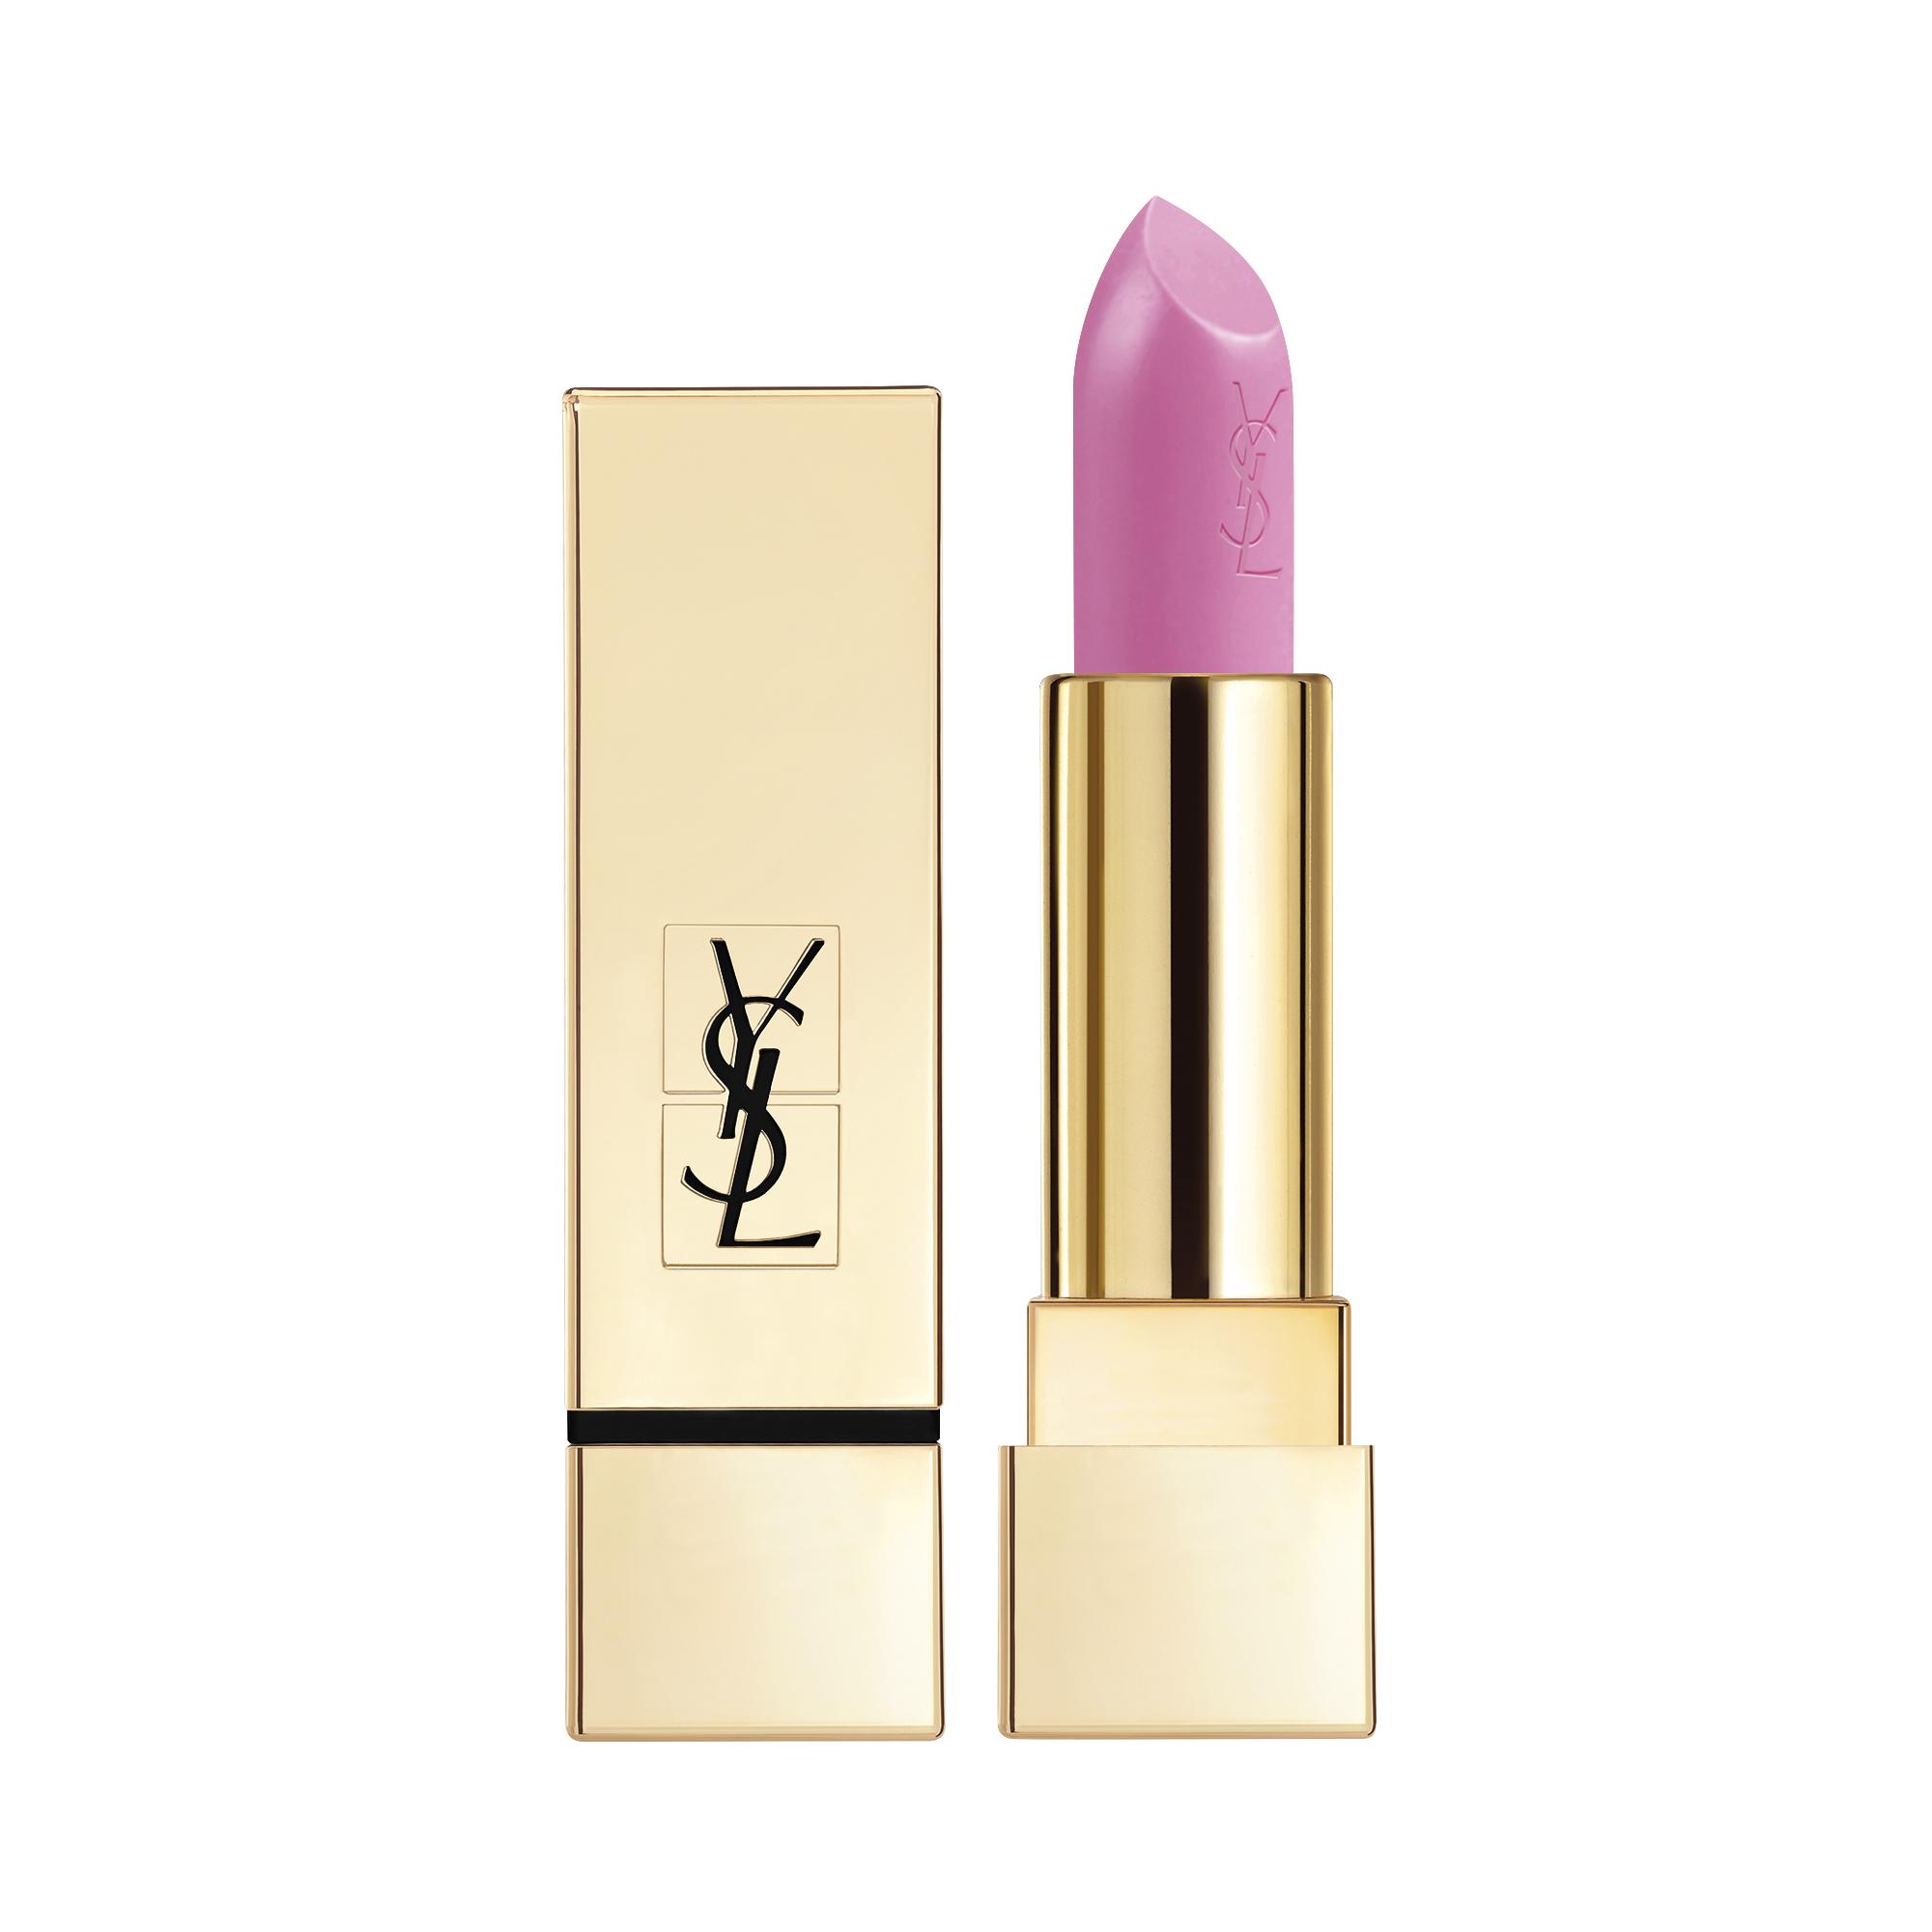 Yves Saint Laurent Rouge Pur Couture Lipstick, 22 celebration